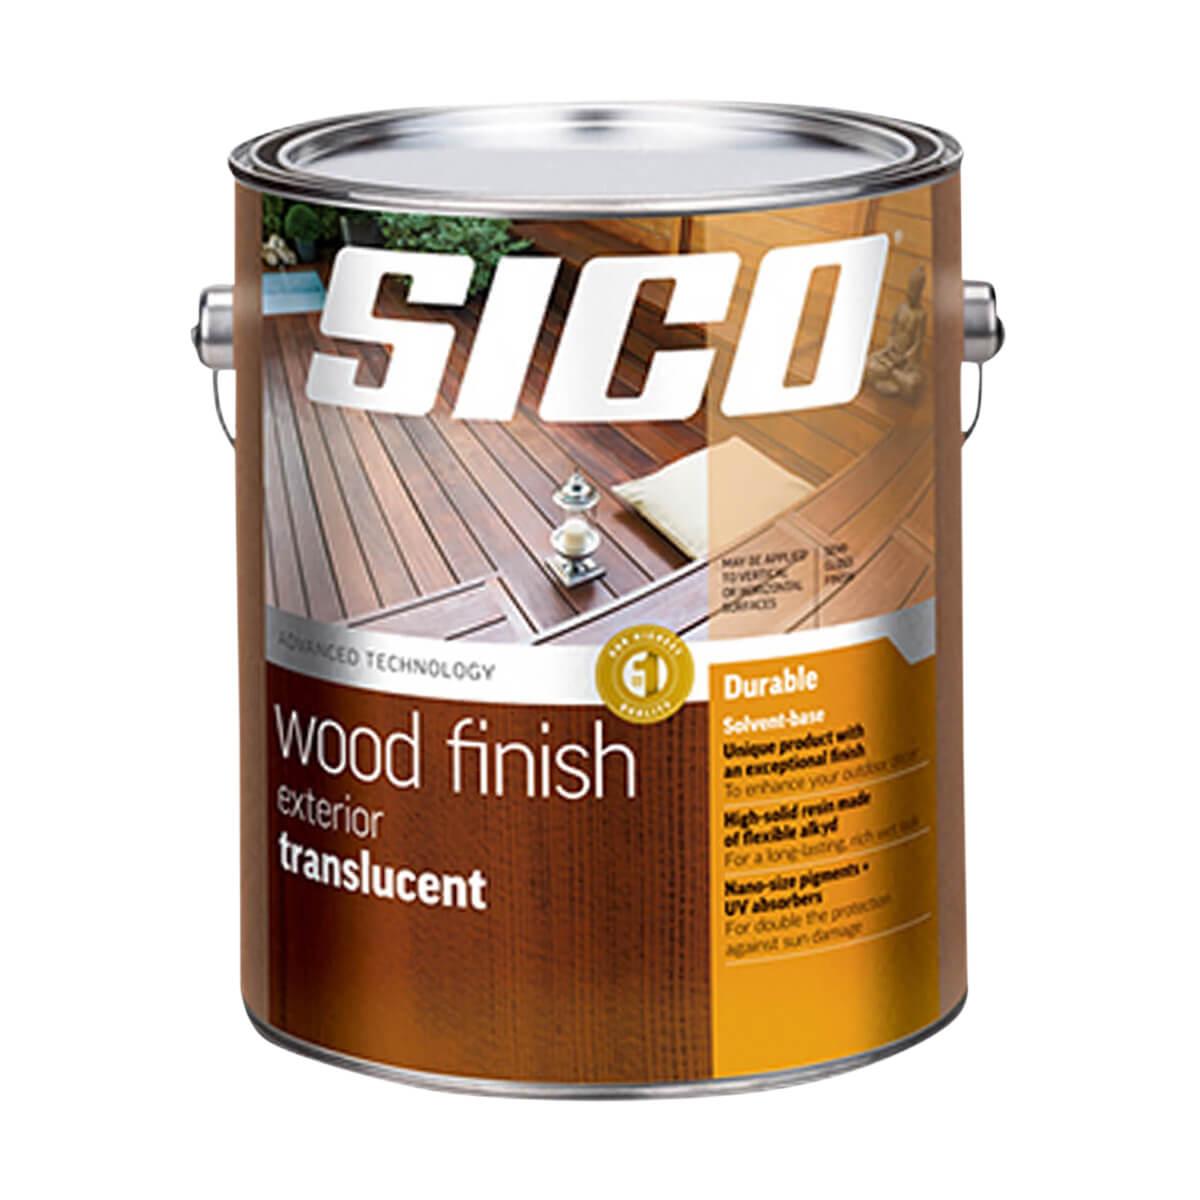 Sico Translucent Exterior Wood Finish - Series 236 - 3.78 L - Redwood